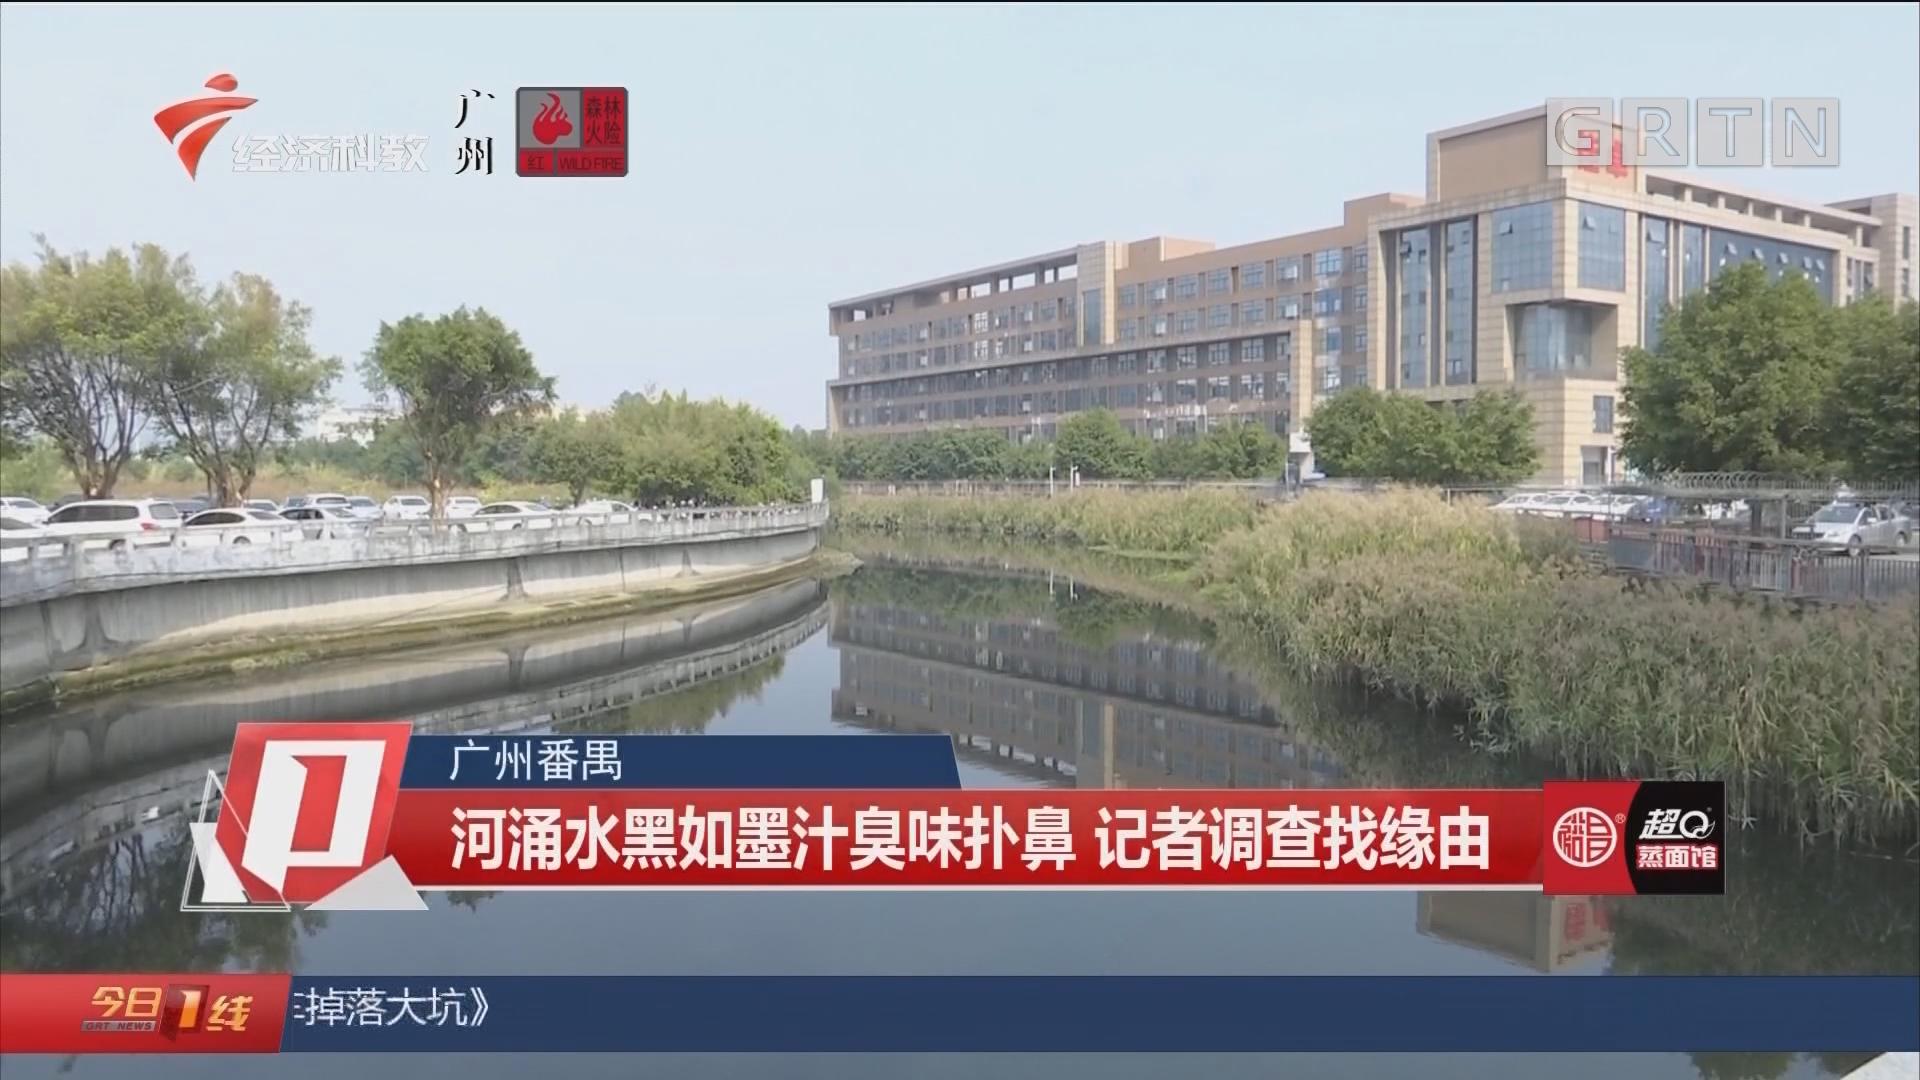 广州番禺:河涌水黑如墨汁臭味扑鼻 记者调查找缘由